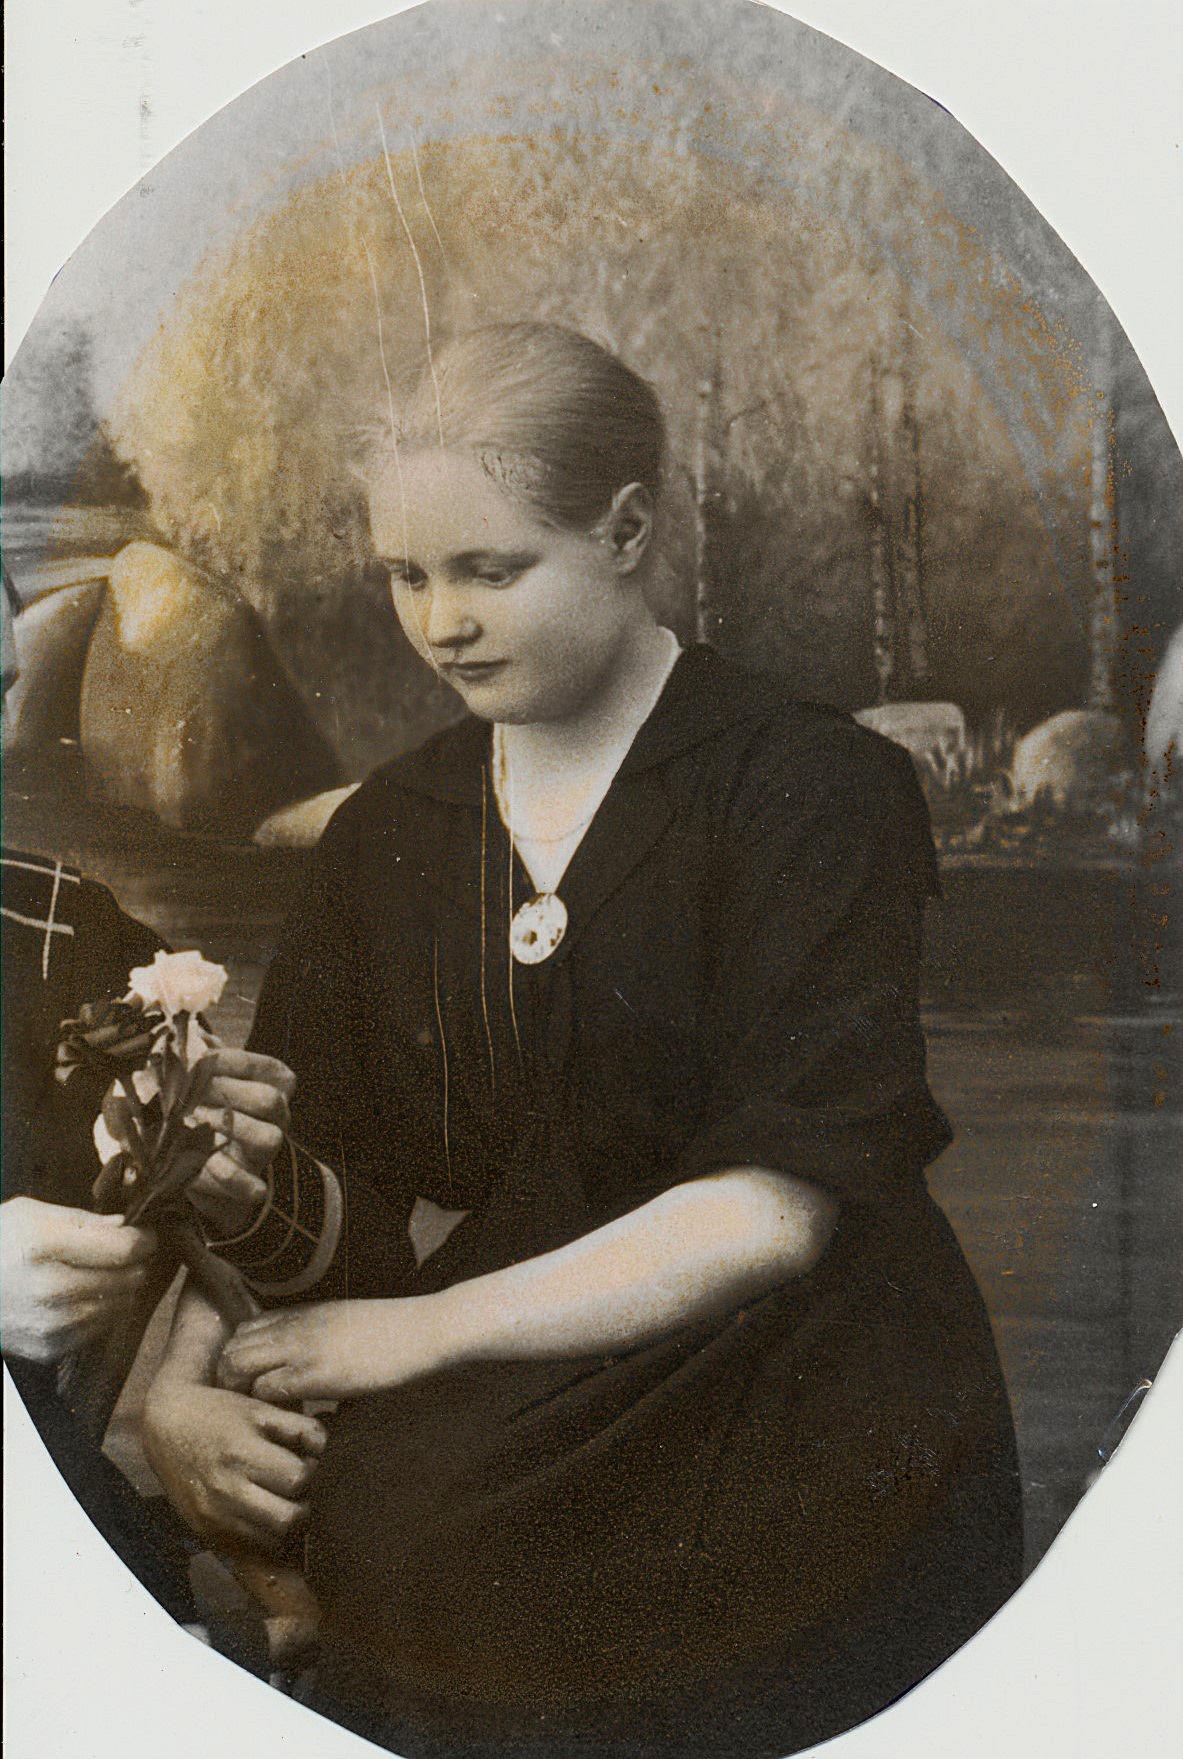 Här den unga Edna Öist (1902-1953) som sedan gifte sig med Frans Ålgars i Korsbäck.